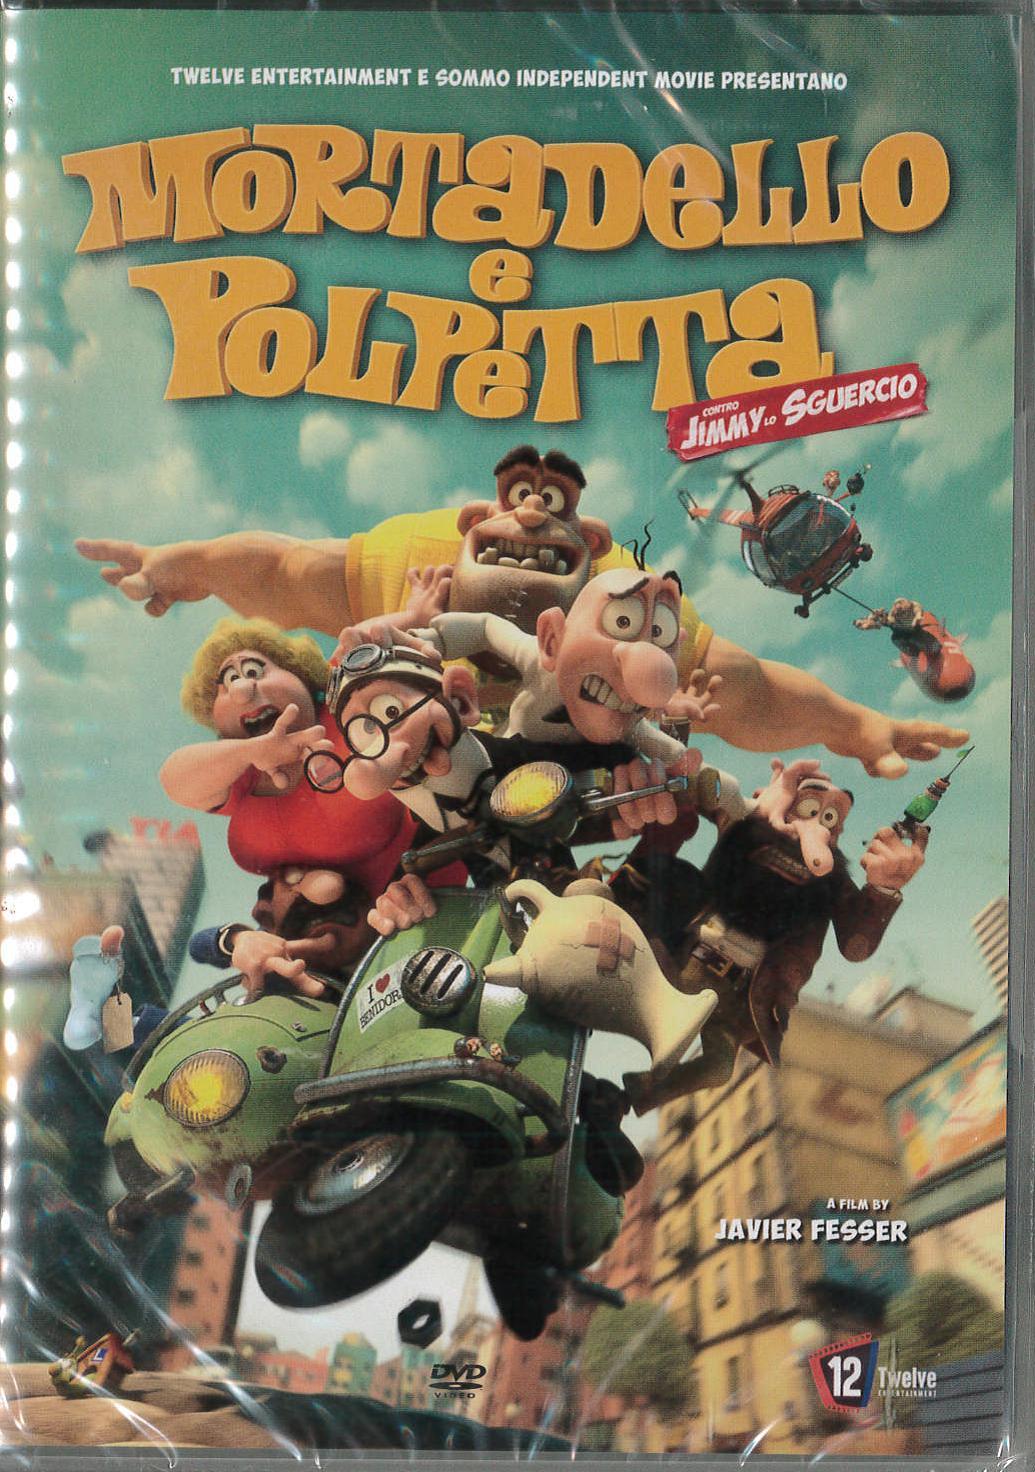 MORTADELLO E POLPETTA CONTRO JIMMY LO SGUERCIO (DVD)